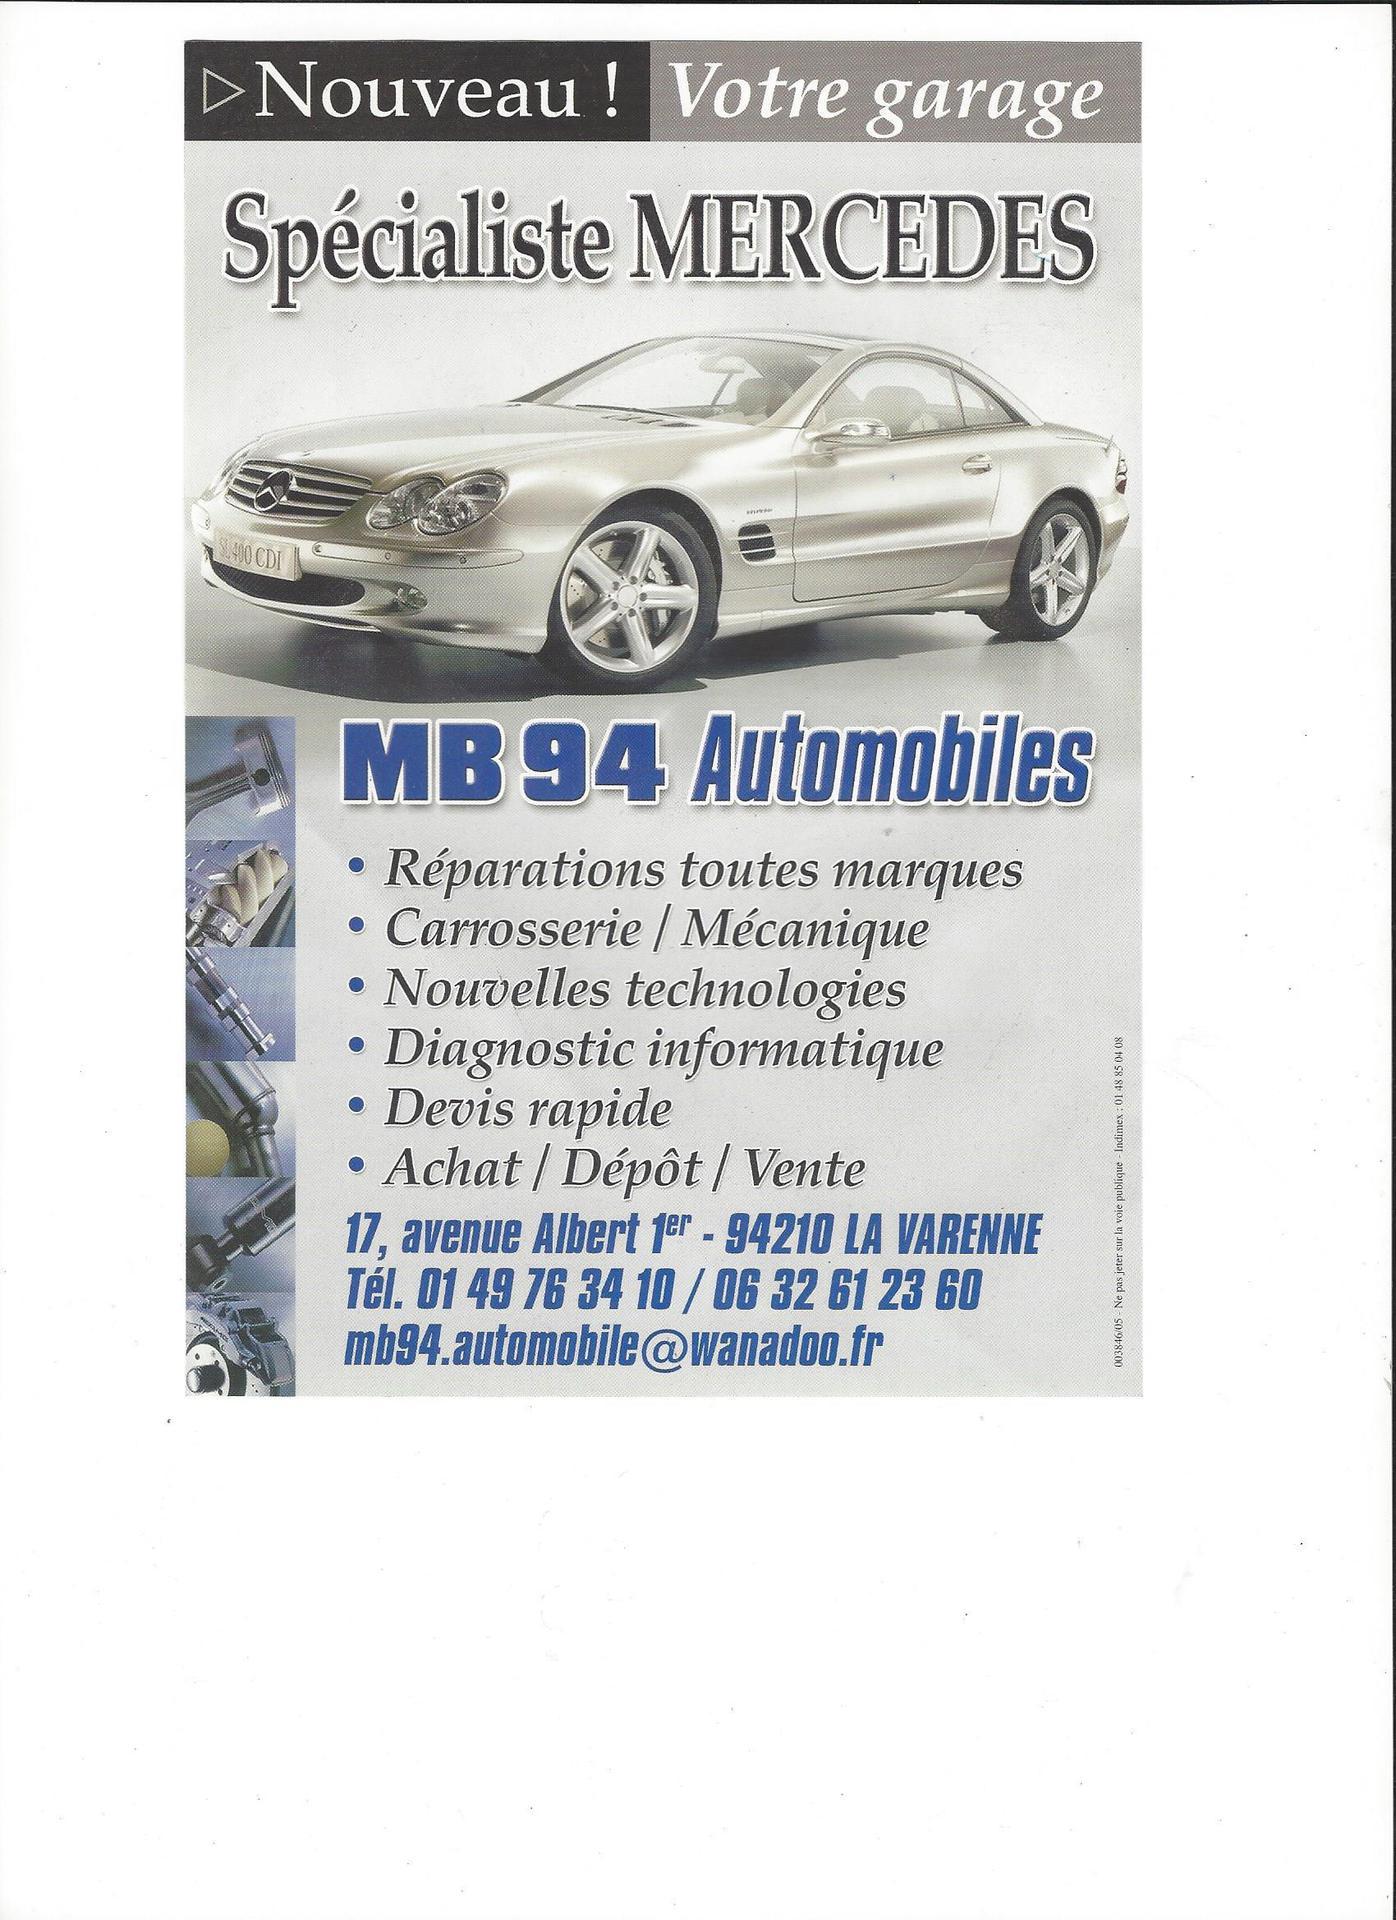 MB 94 Automobiles concessionnaire automobile